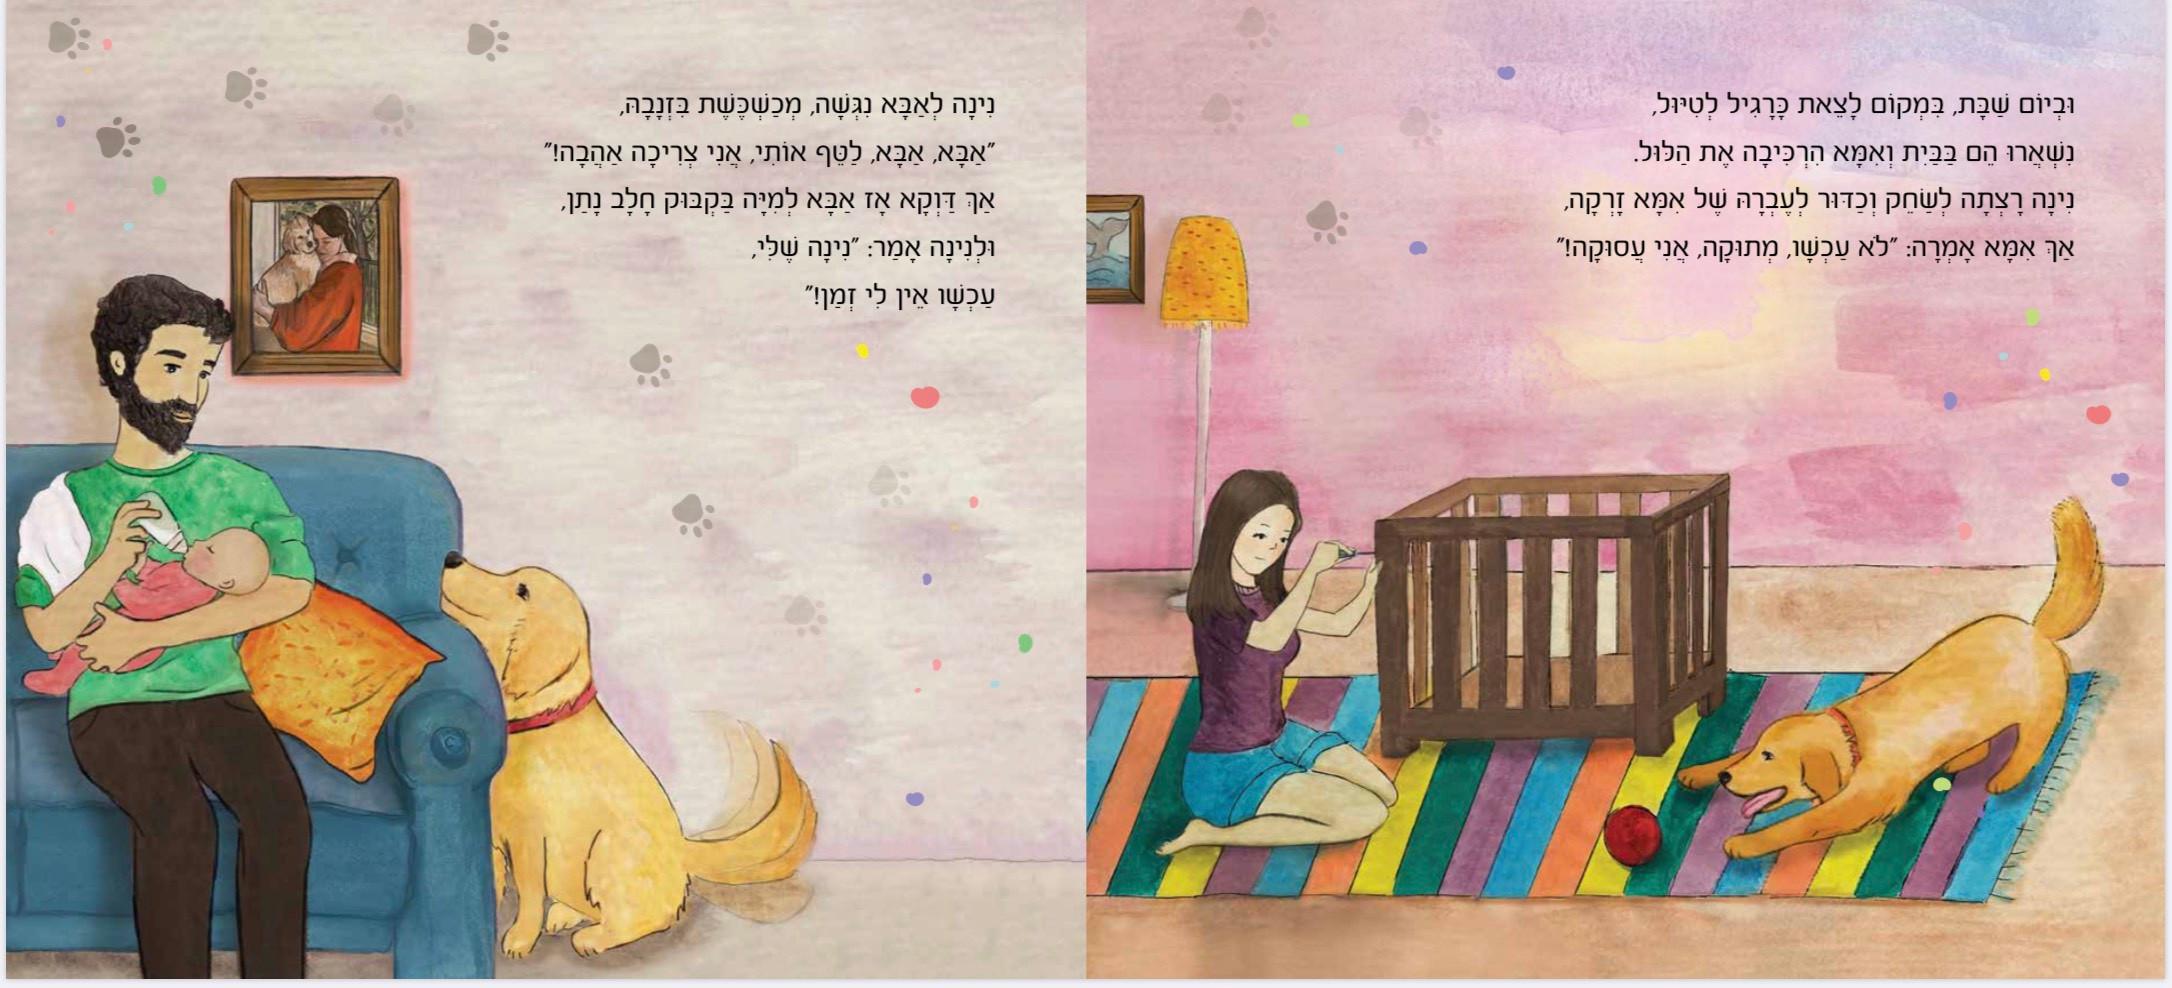 מתוך הספר ״האחות הקטנה״